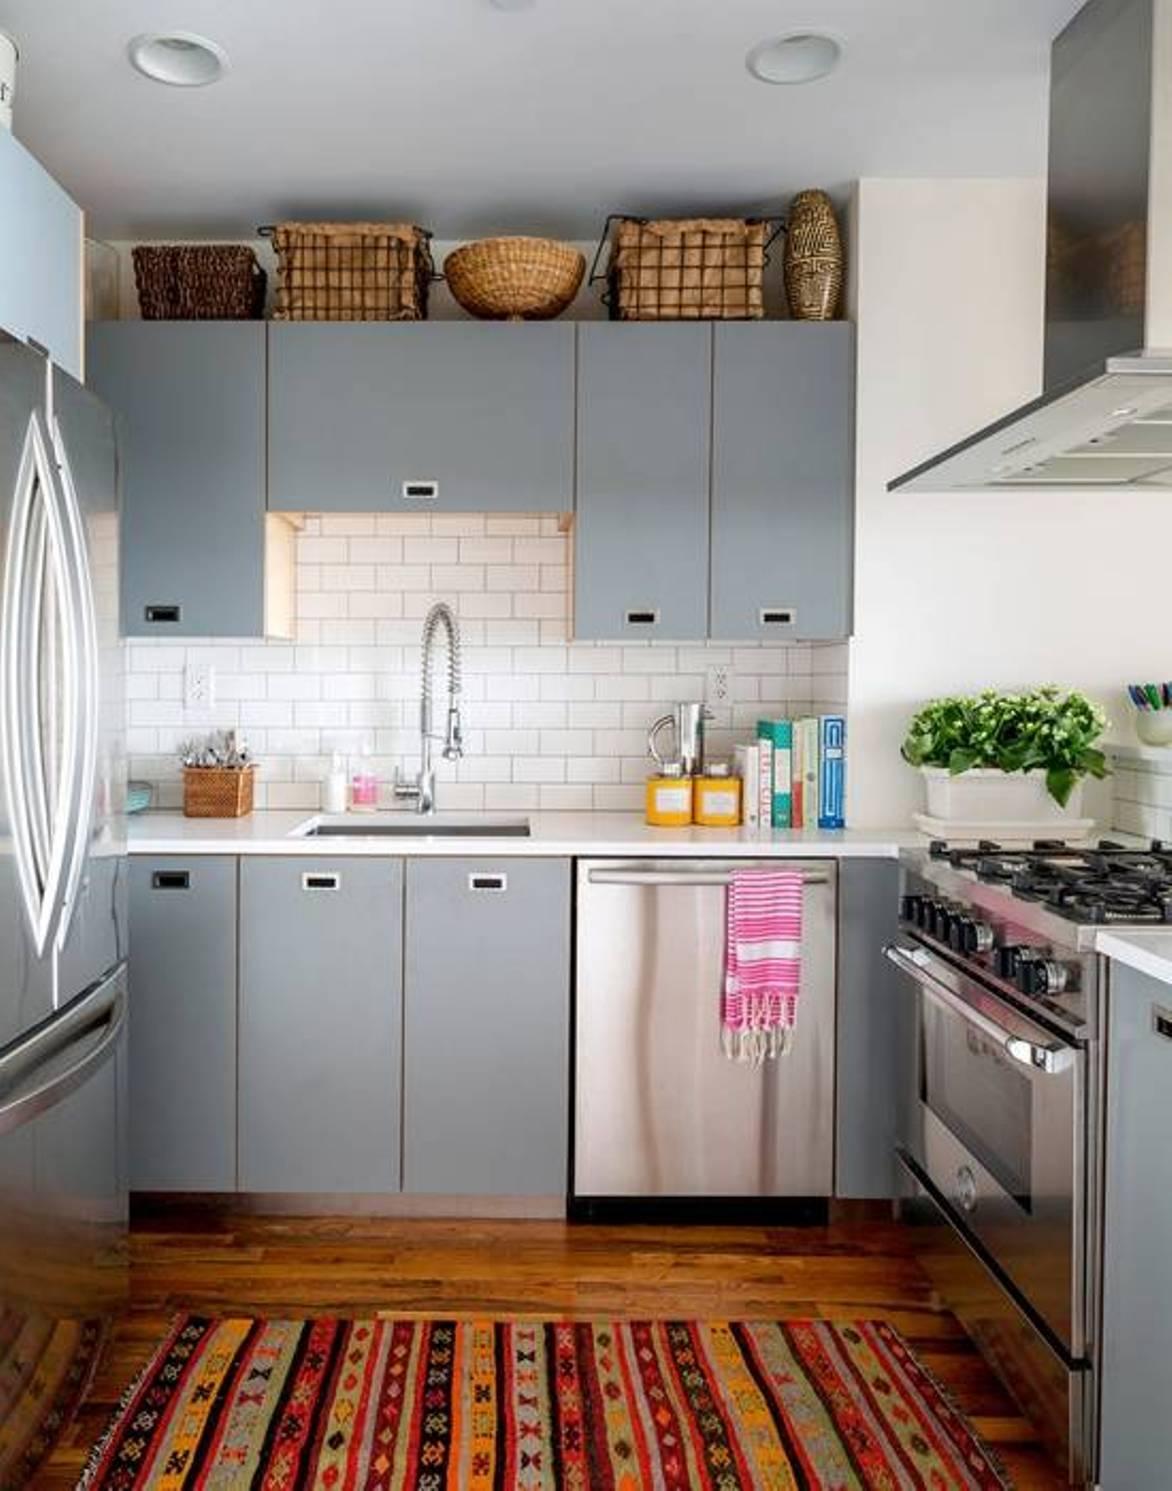 بالصور ديكور المطبخ , احدث تصميمات ديكورات المطابخ 3902 5